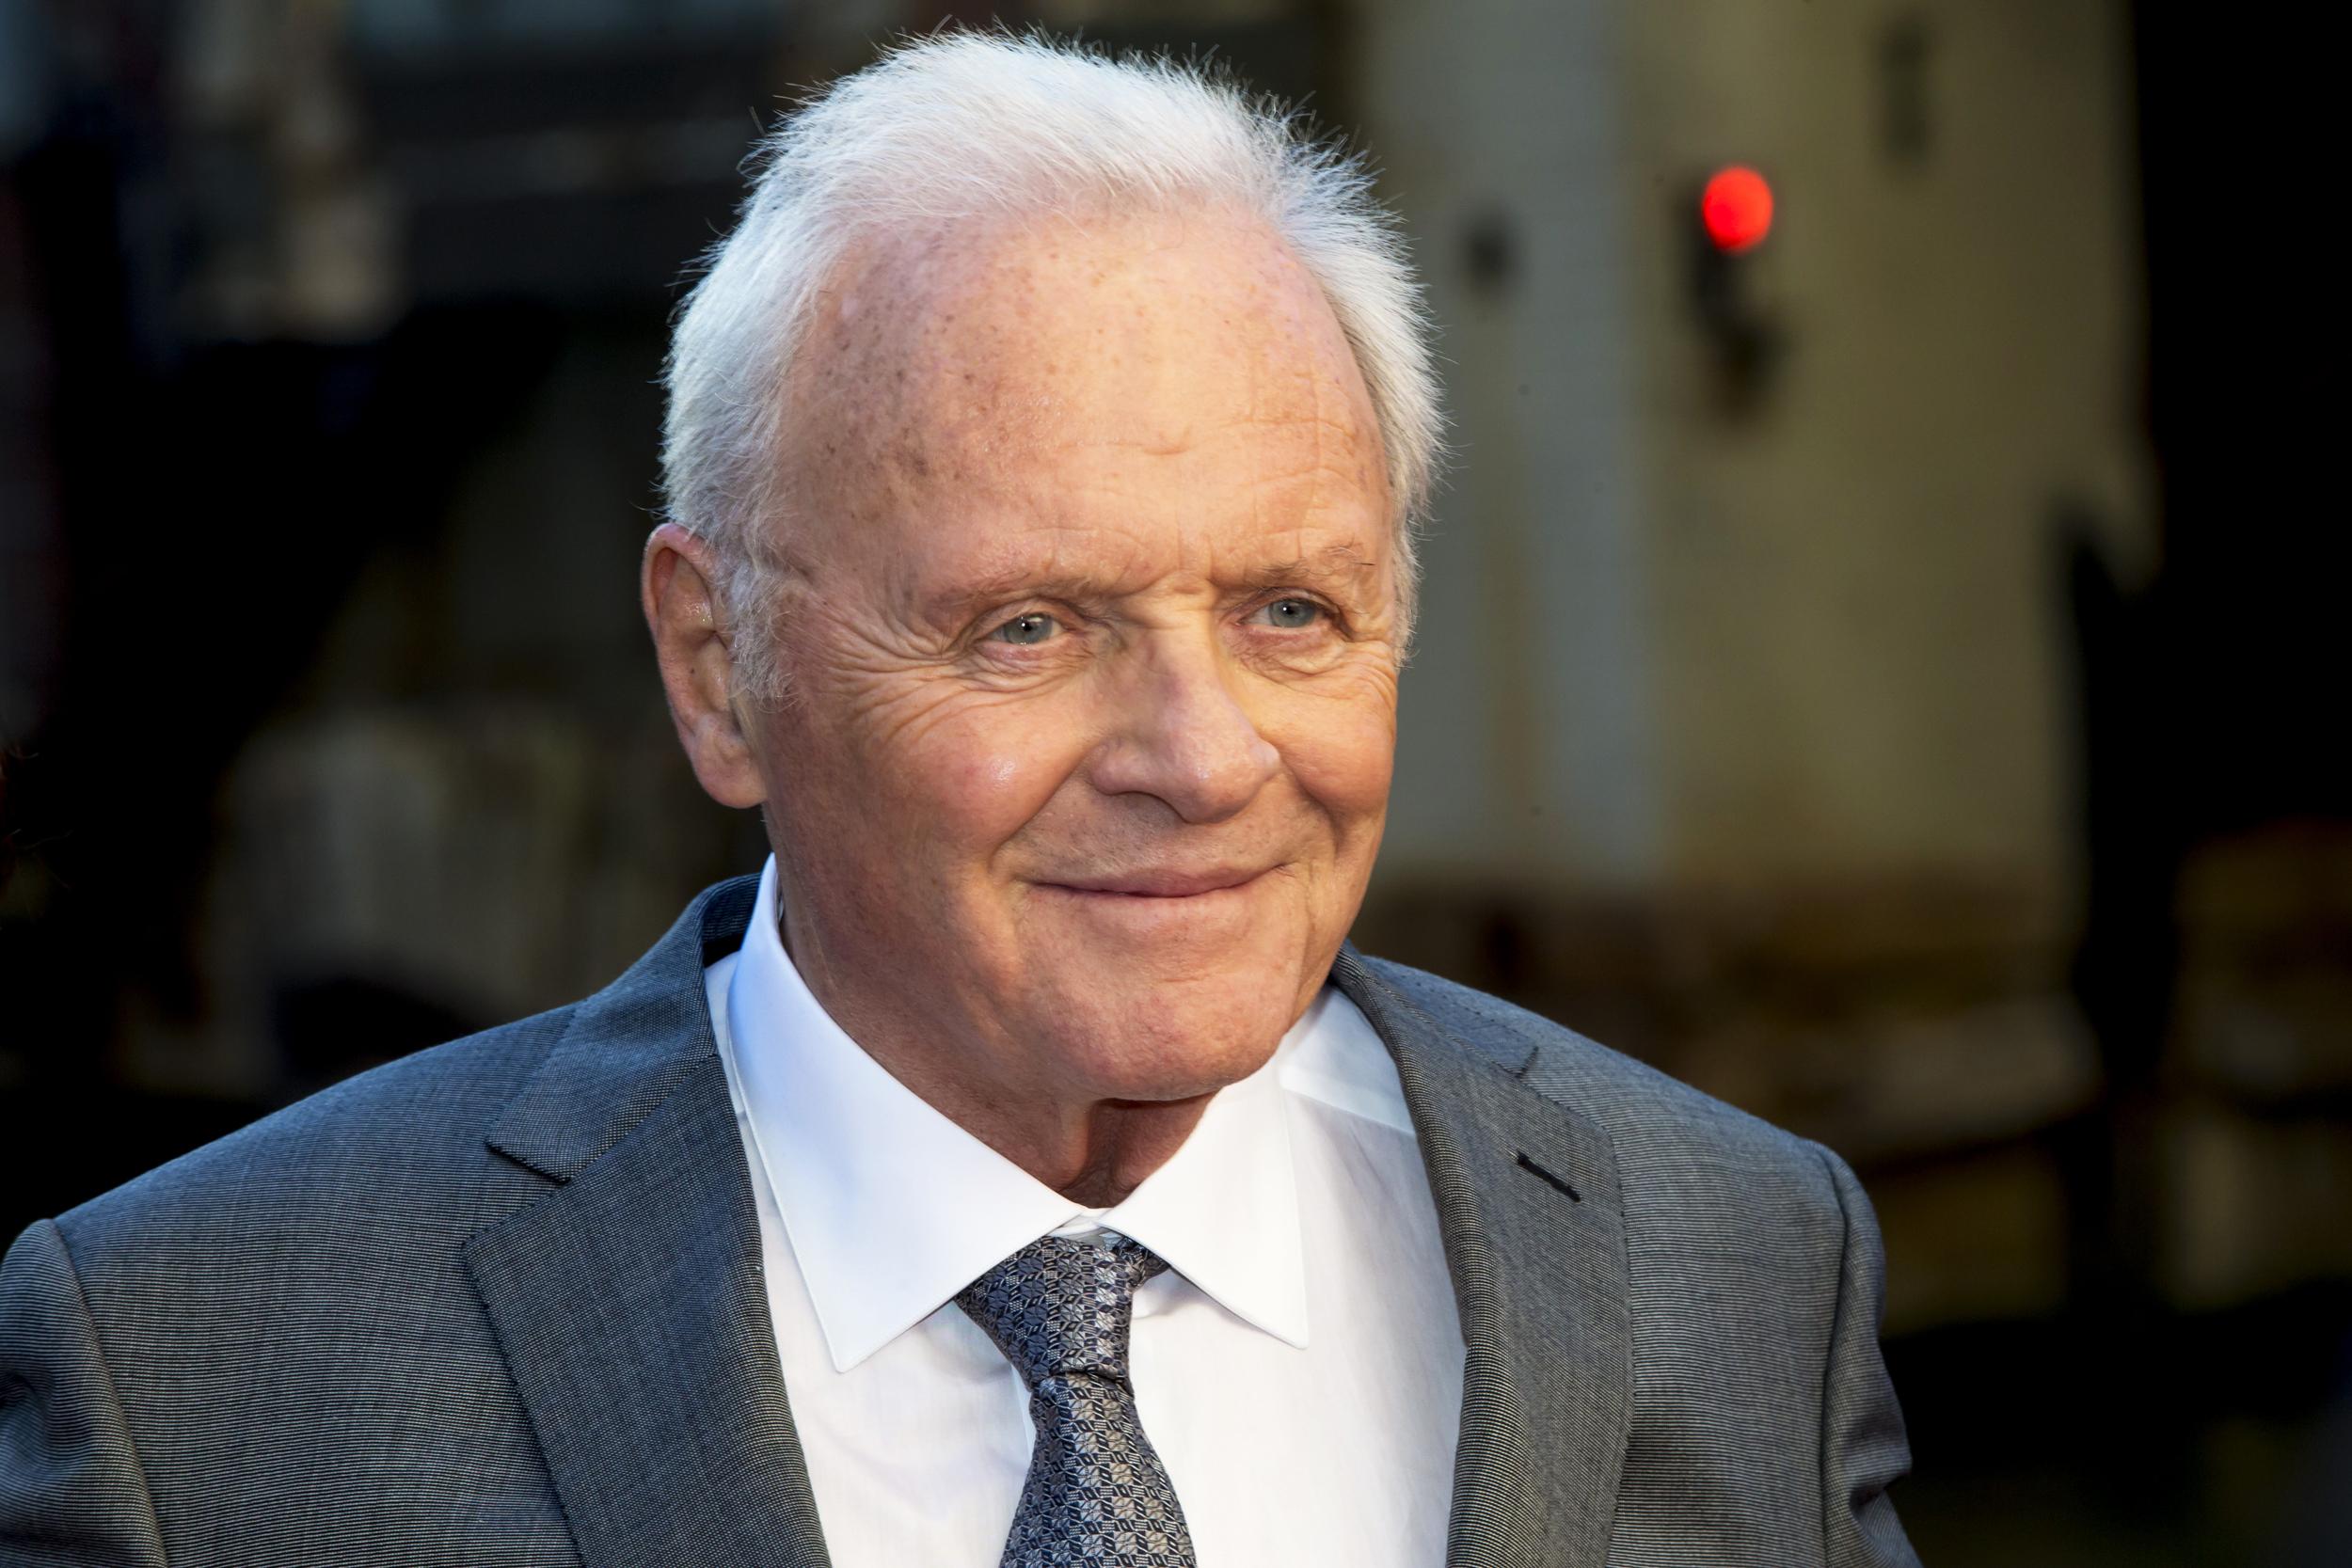 Antony Hopkins este, la 83 de ani, câștigătorul Premiului Oscar pentru cel mai bun actor în rol principal.